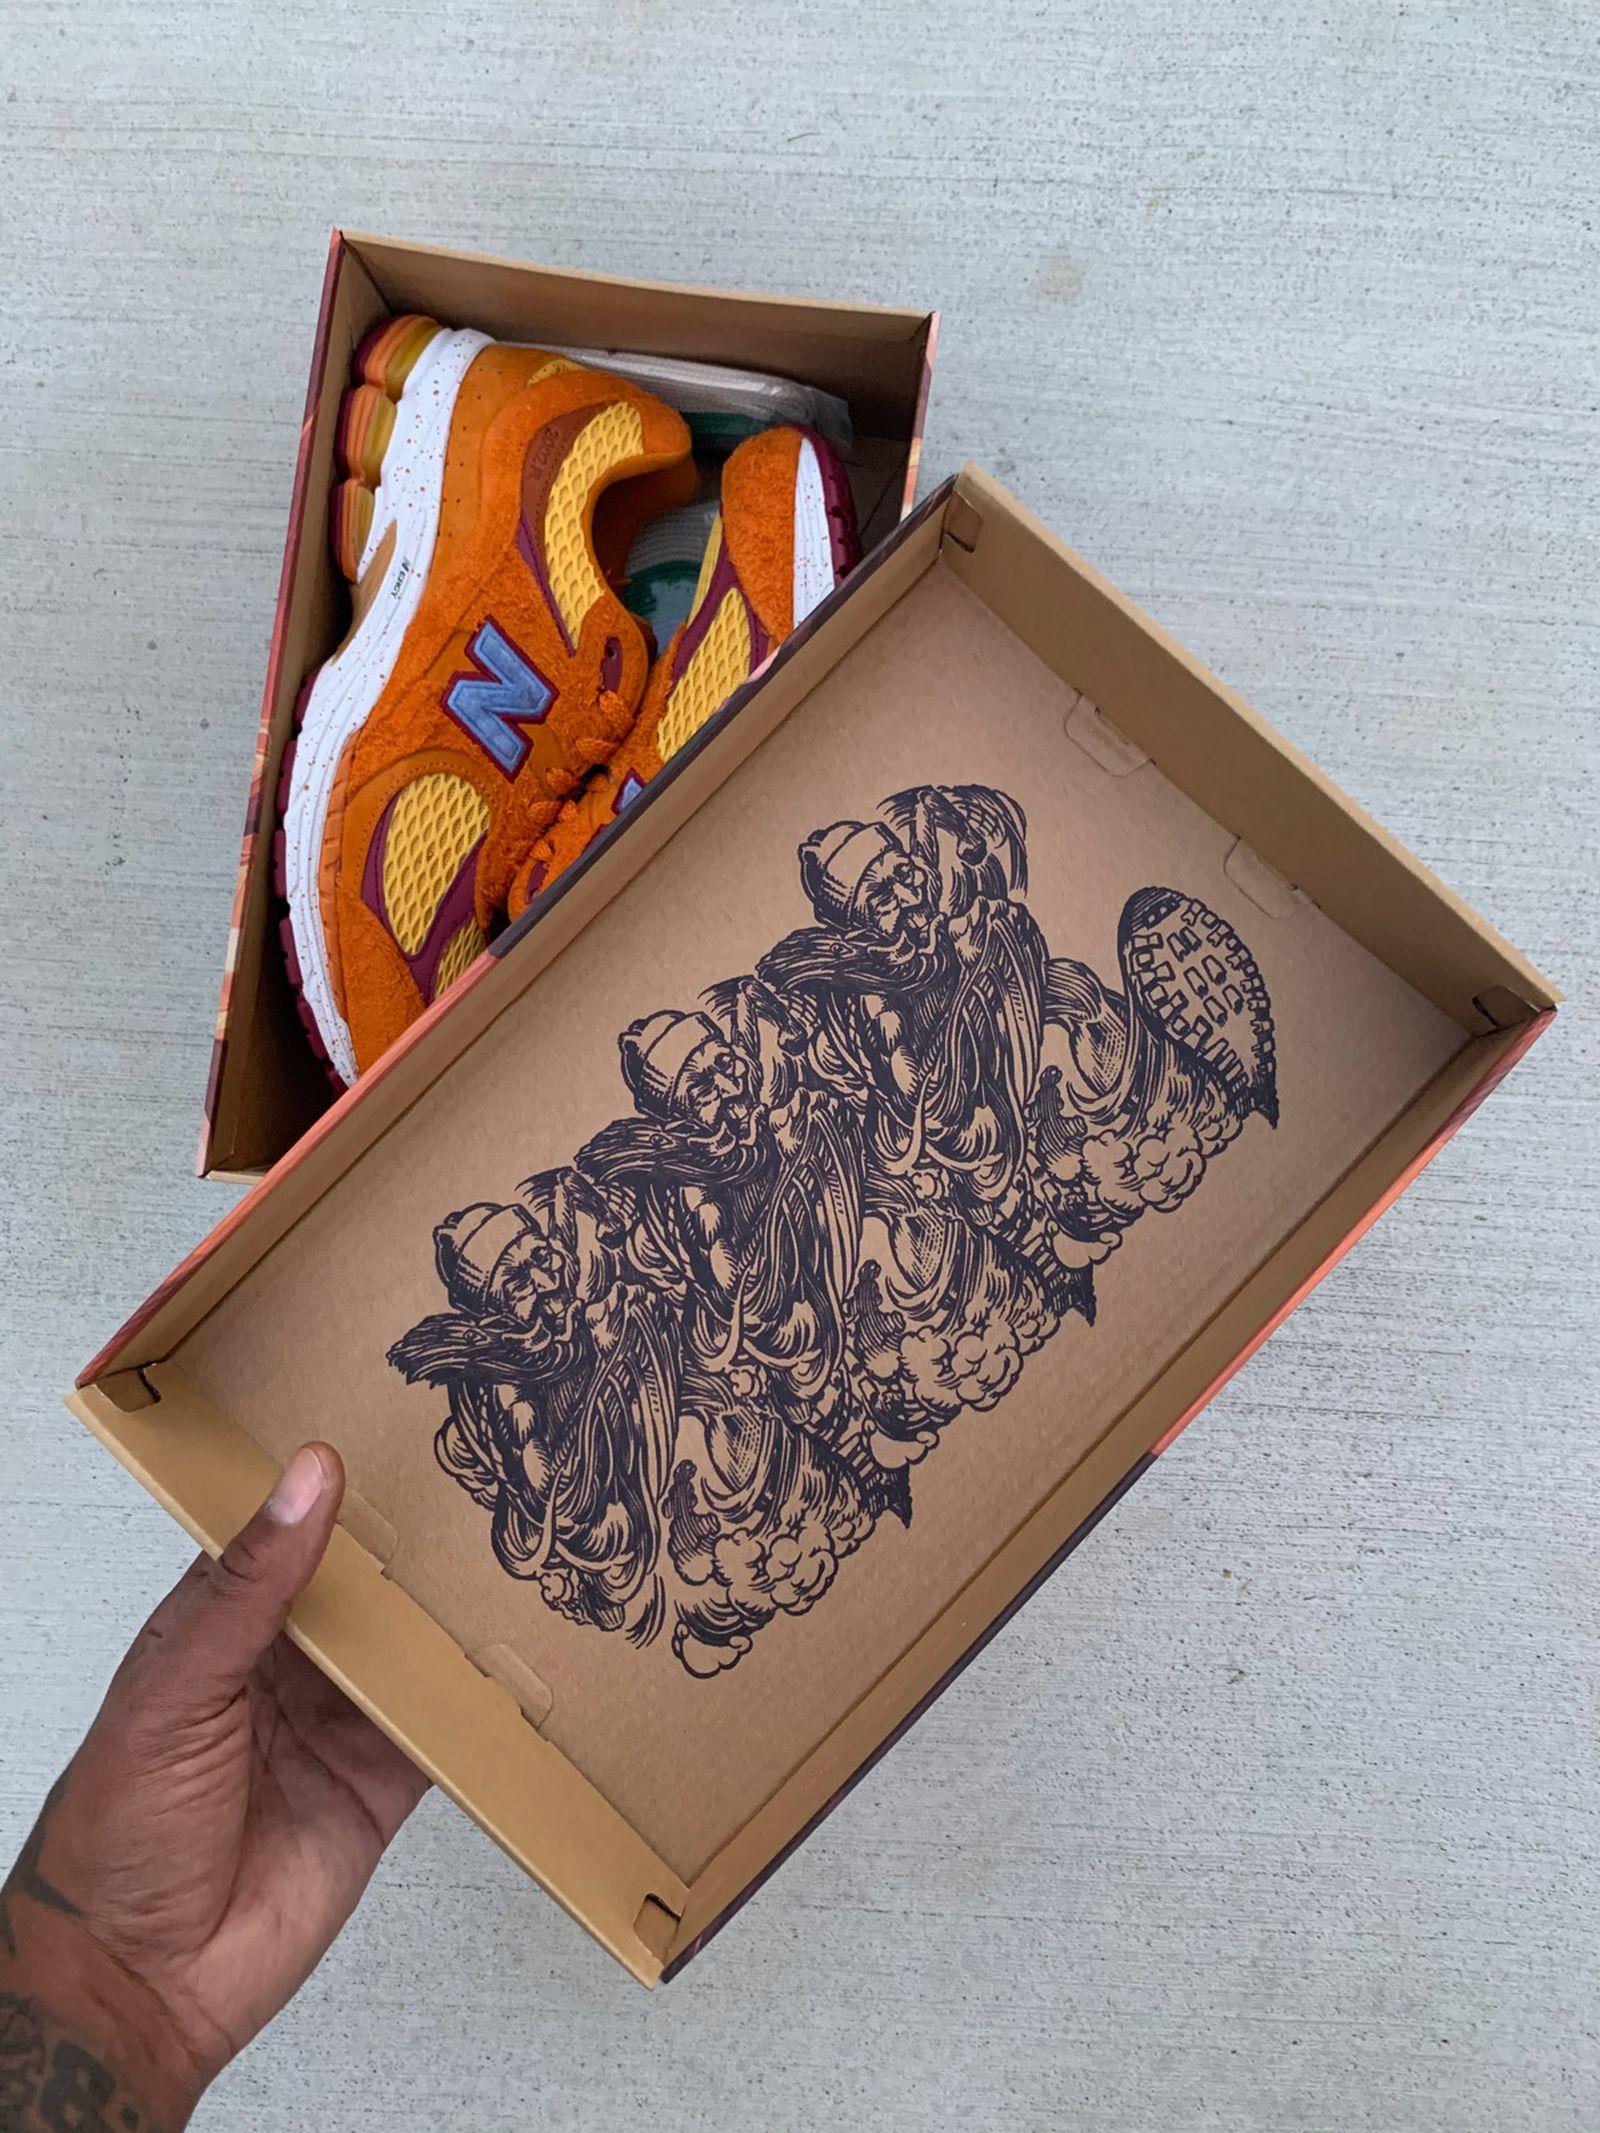 next-gen-sneakers-salehe-bembury-pioneered-luxury-sneakers-03